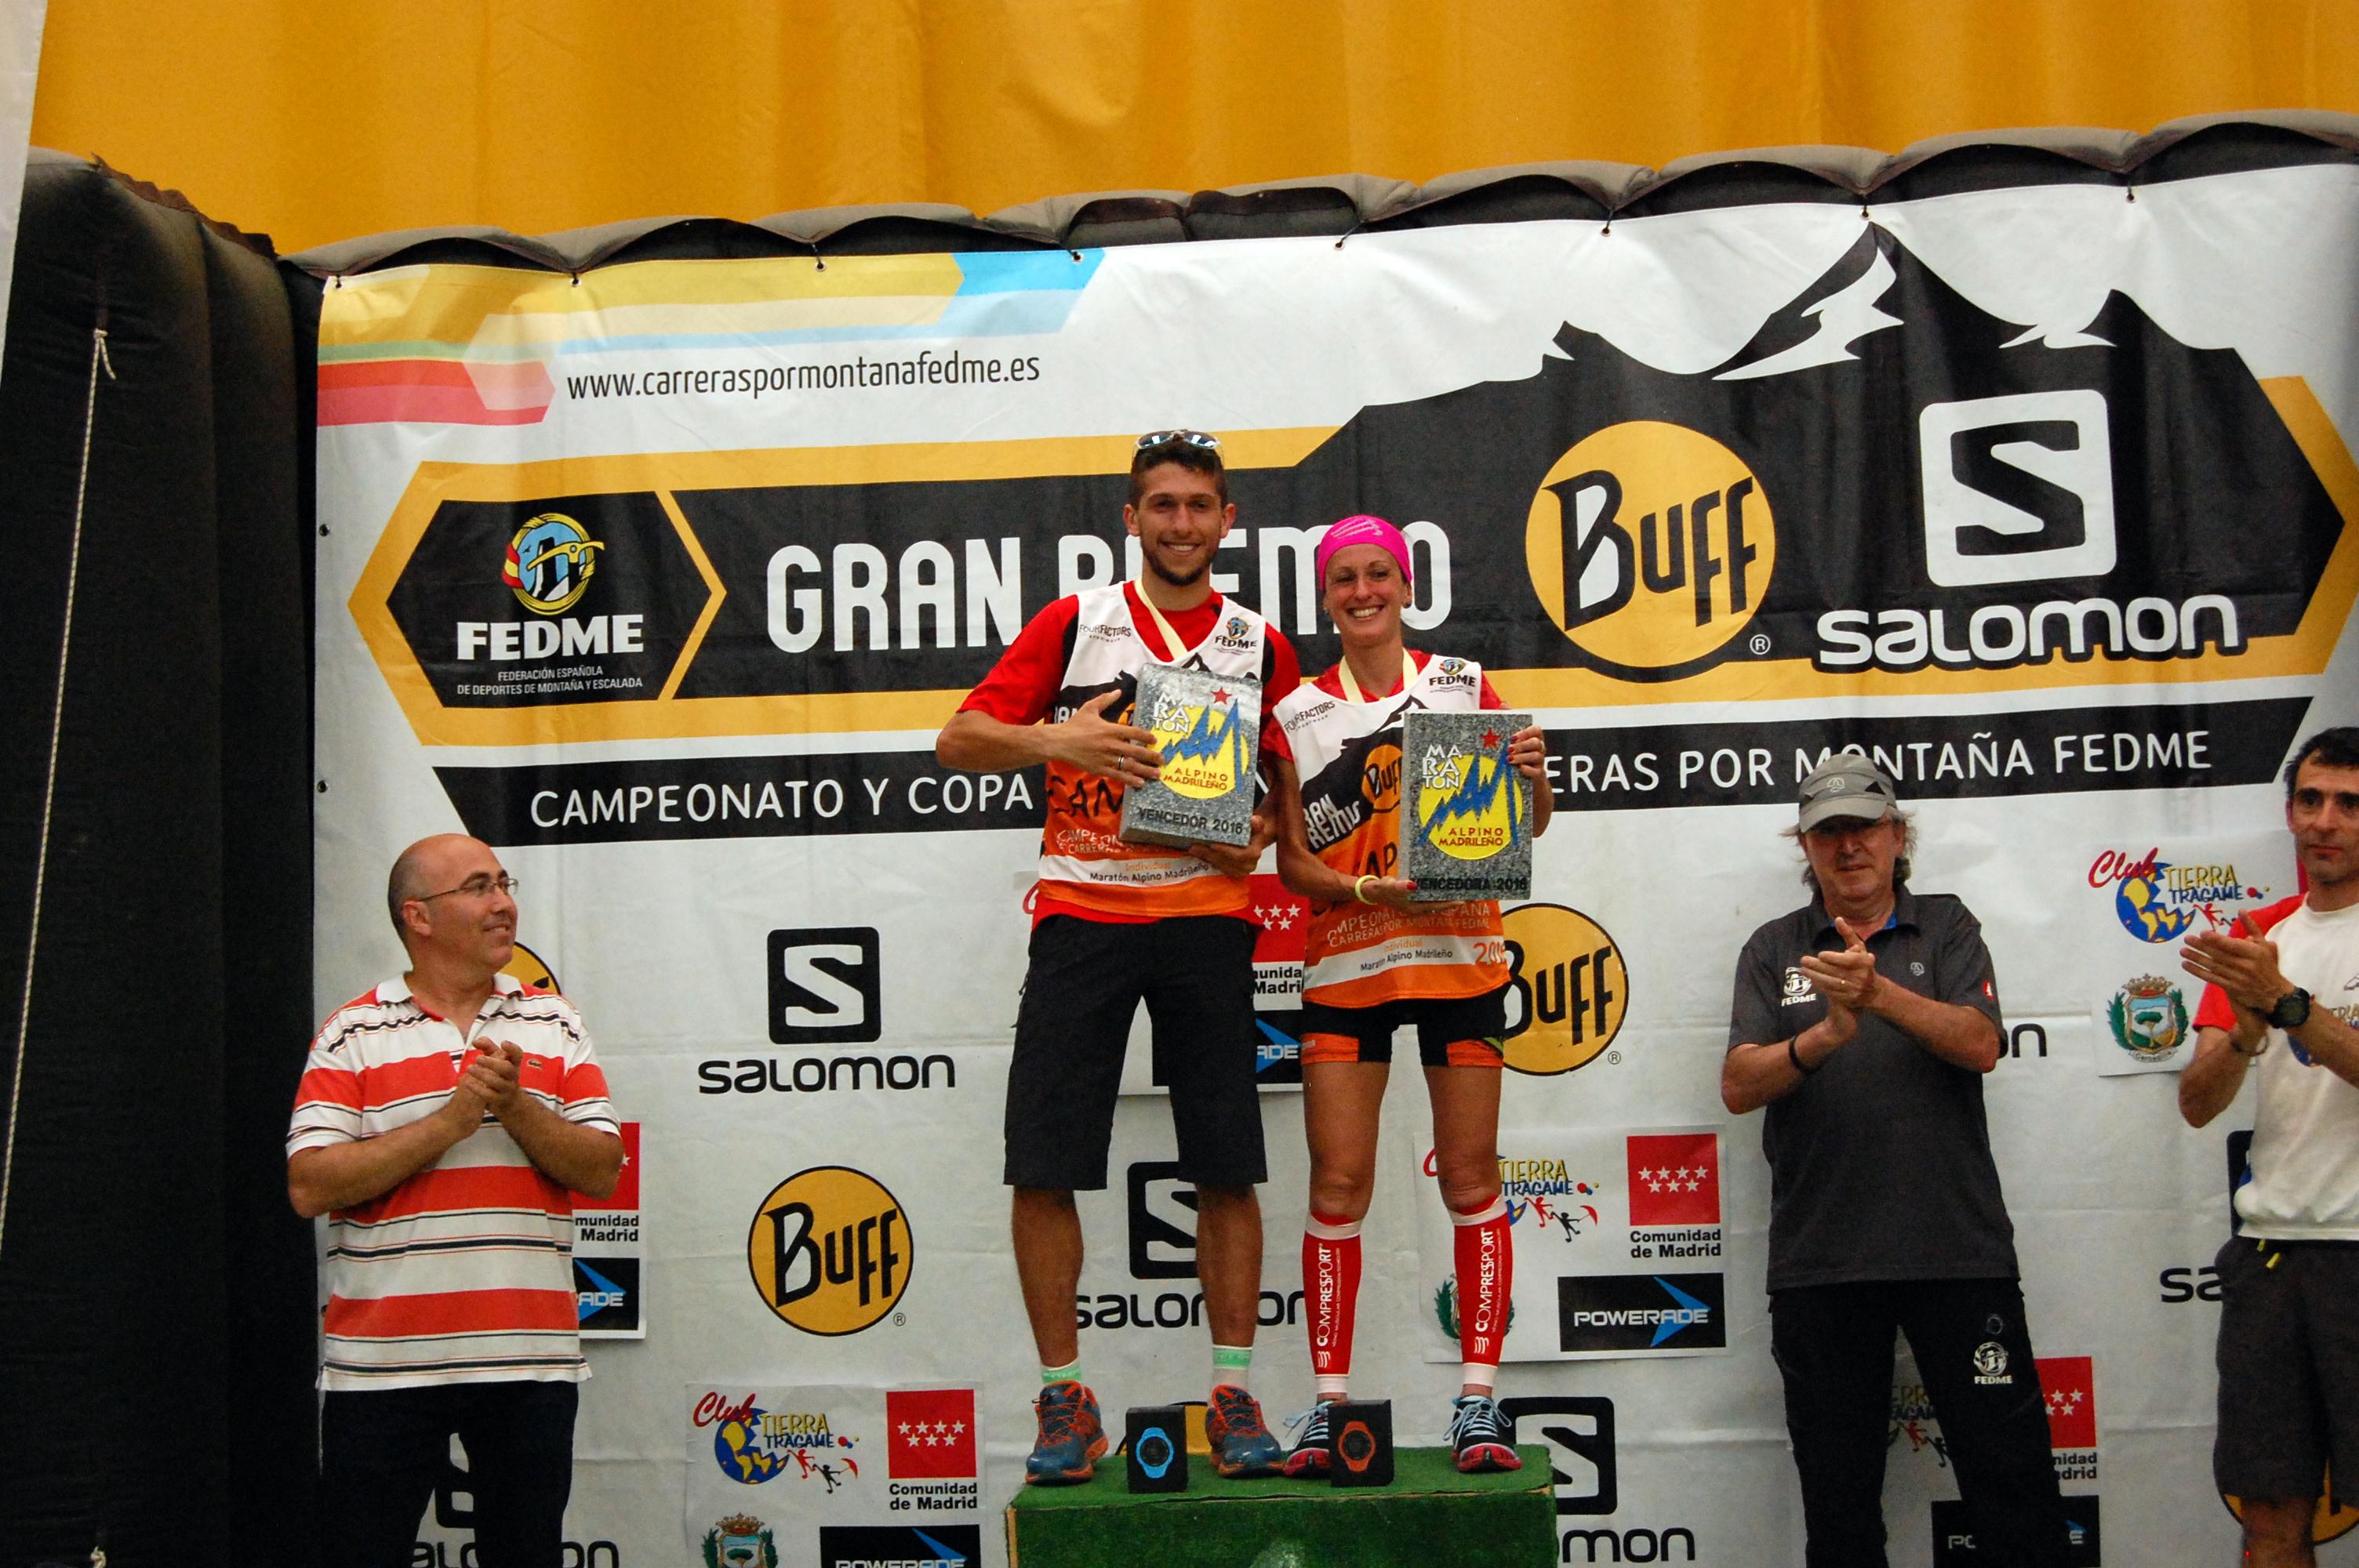 Manuel Merillas y Azara García se proclaman campeones de España de Carreras por Montaña en Línea FEDME - GP BUFF® Salomon en el Maratón Alpino Madrile